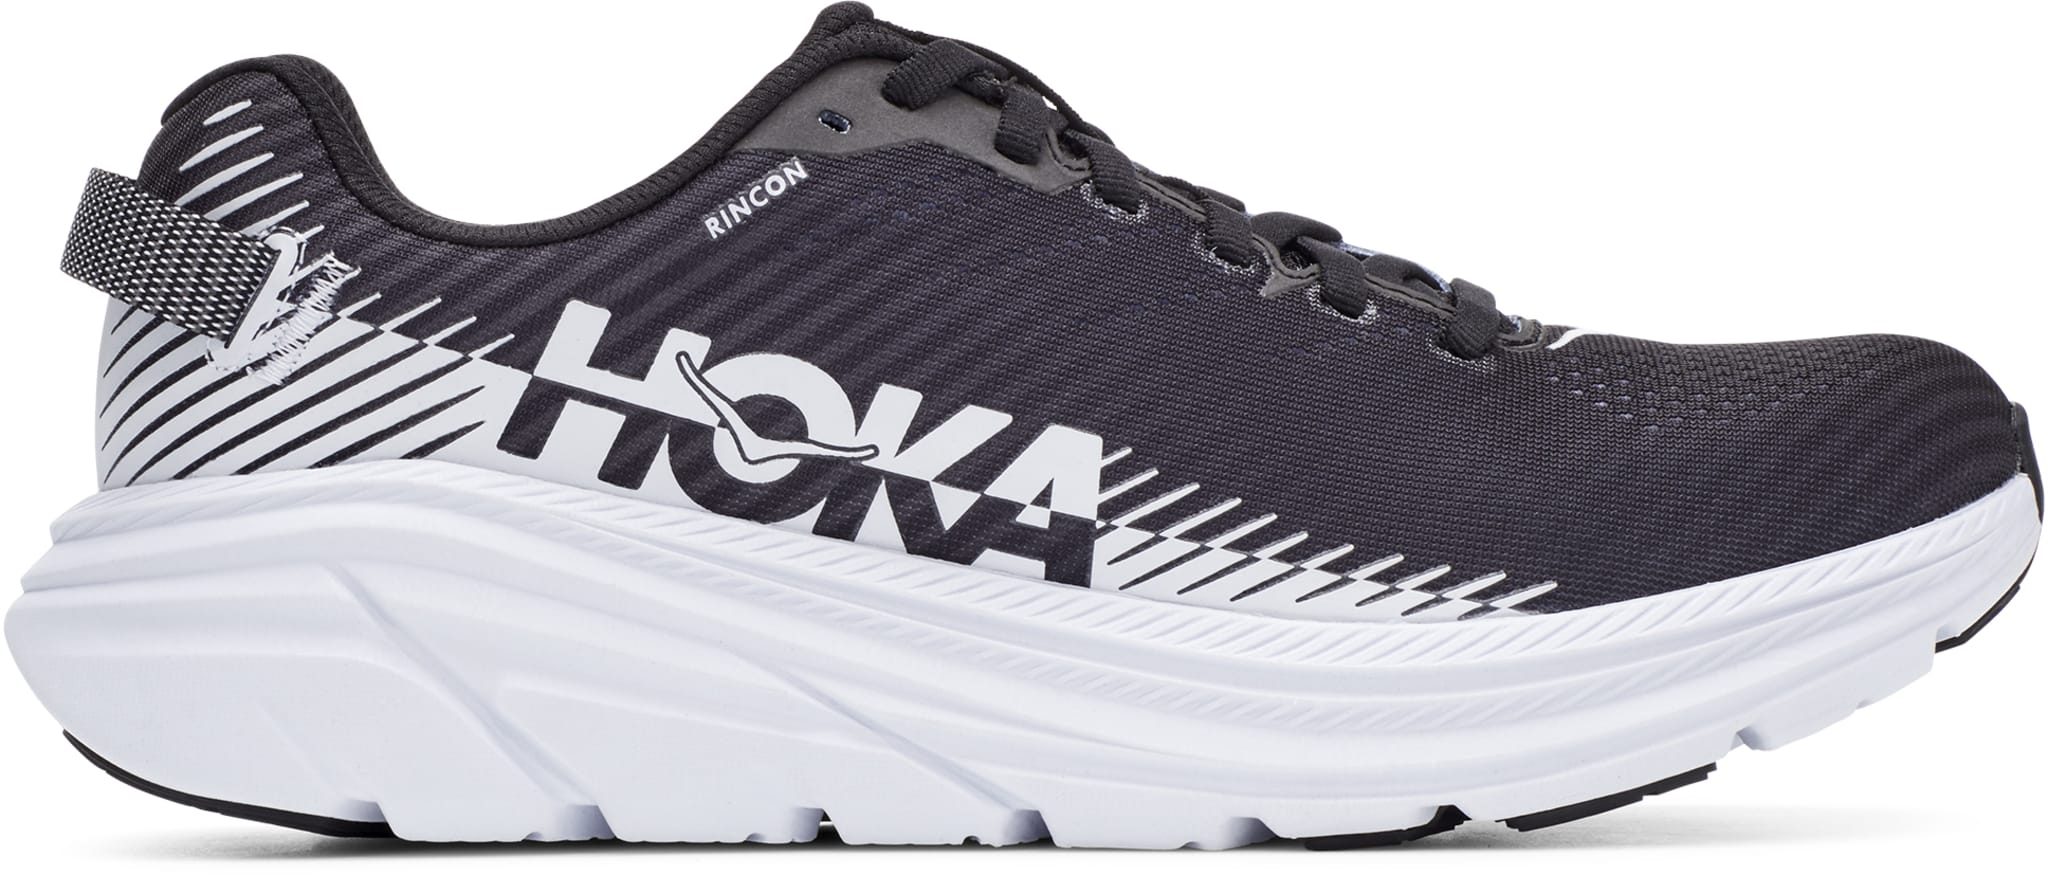 Hokas signaturdemping i en sko laget for akselerasjon og høyt tempo